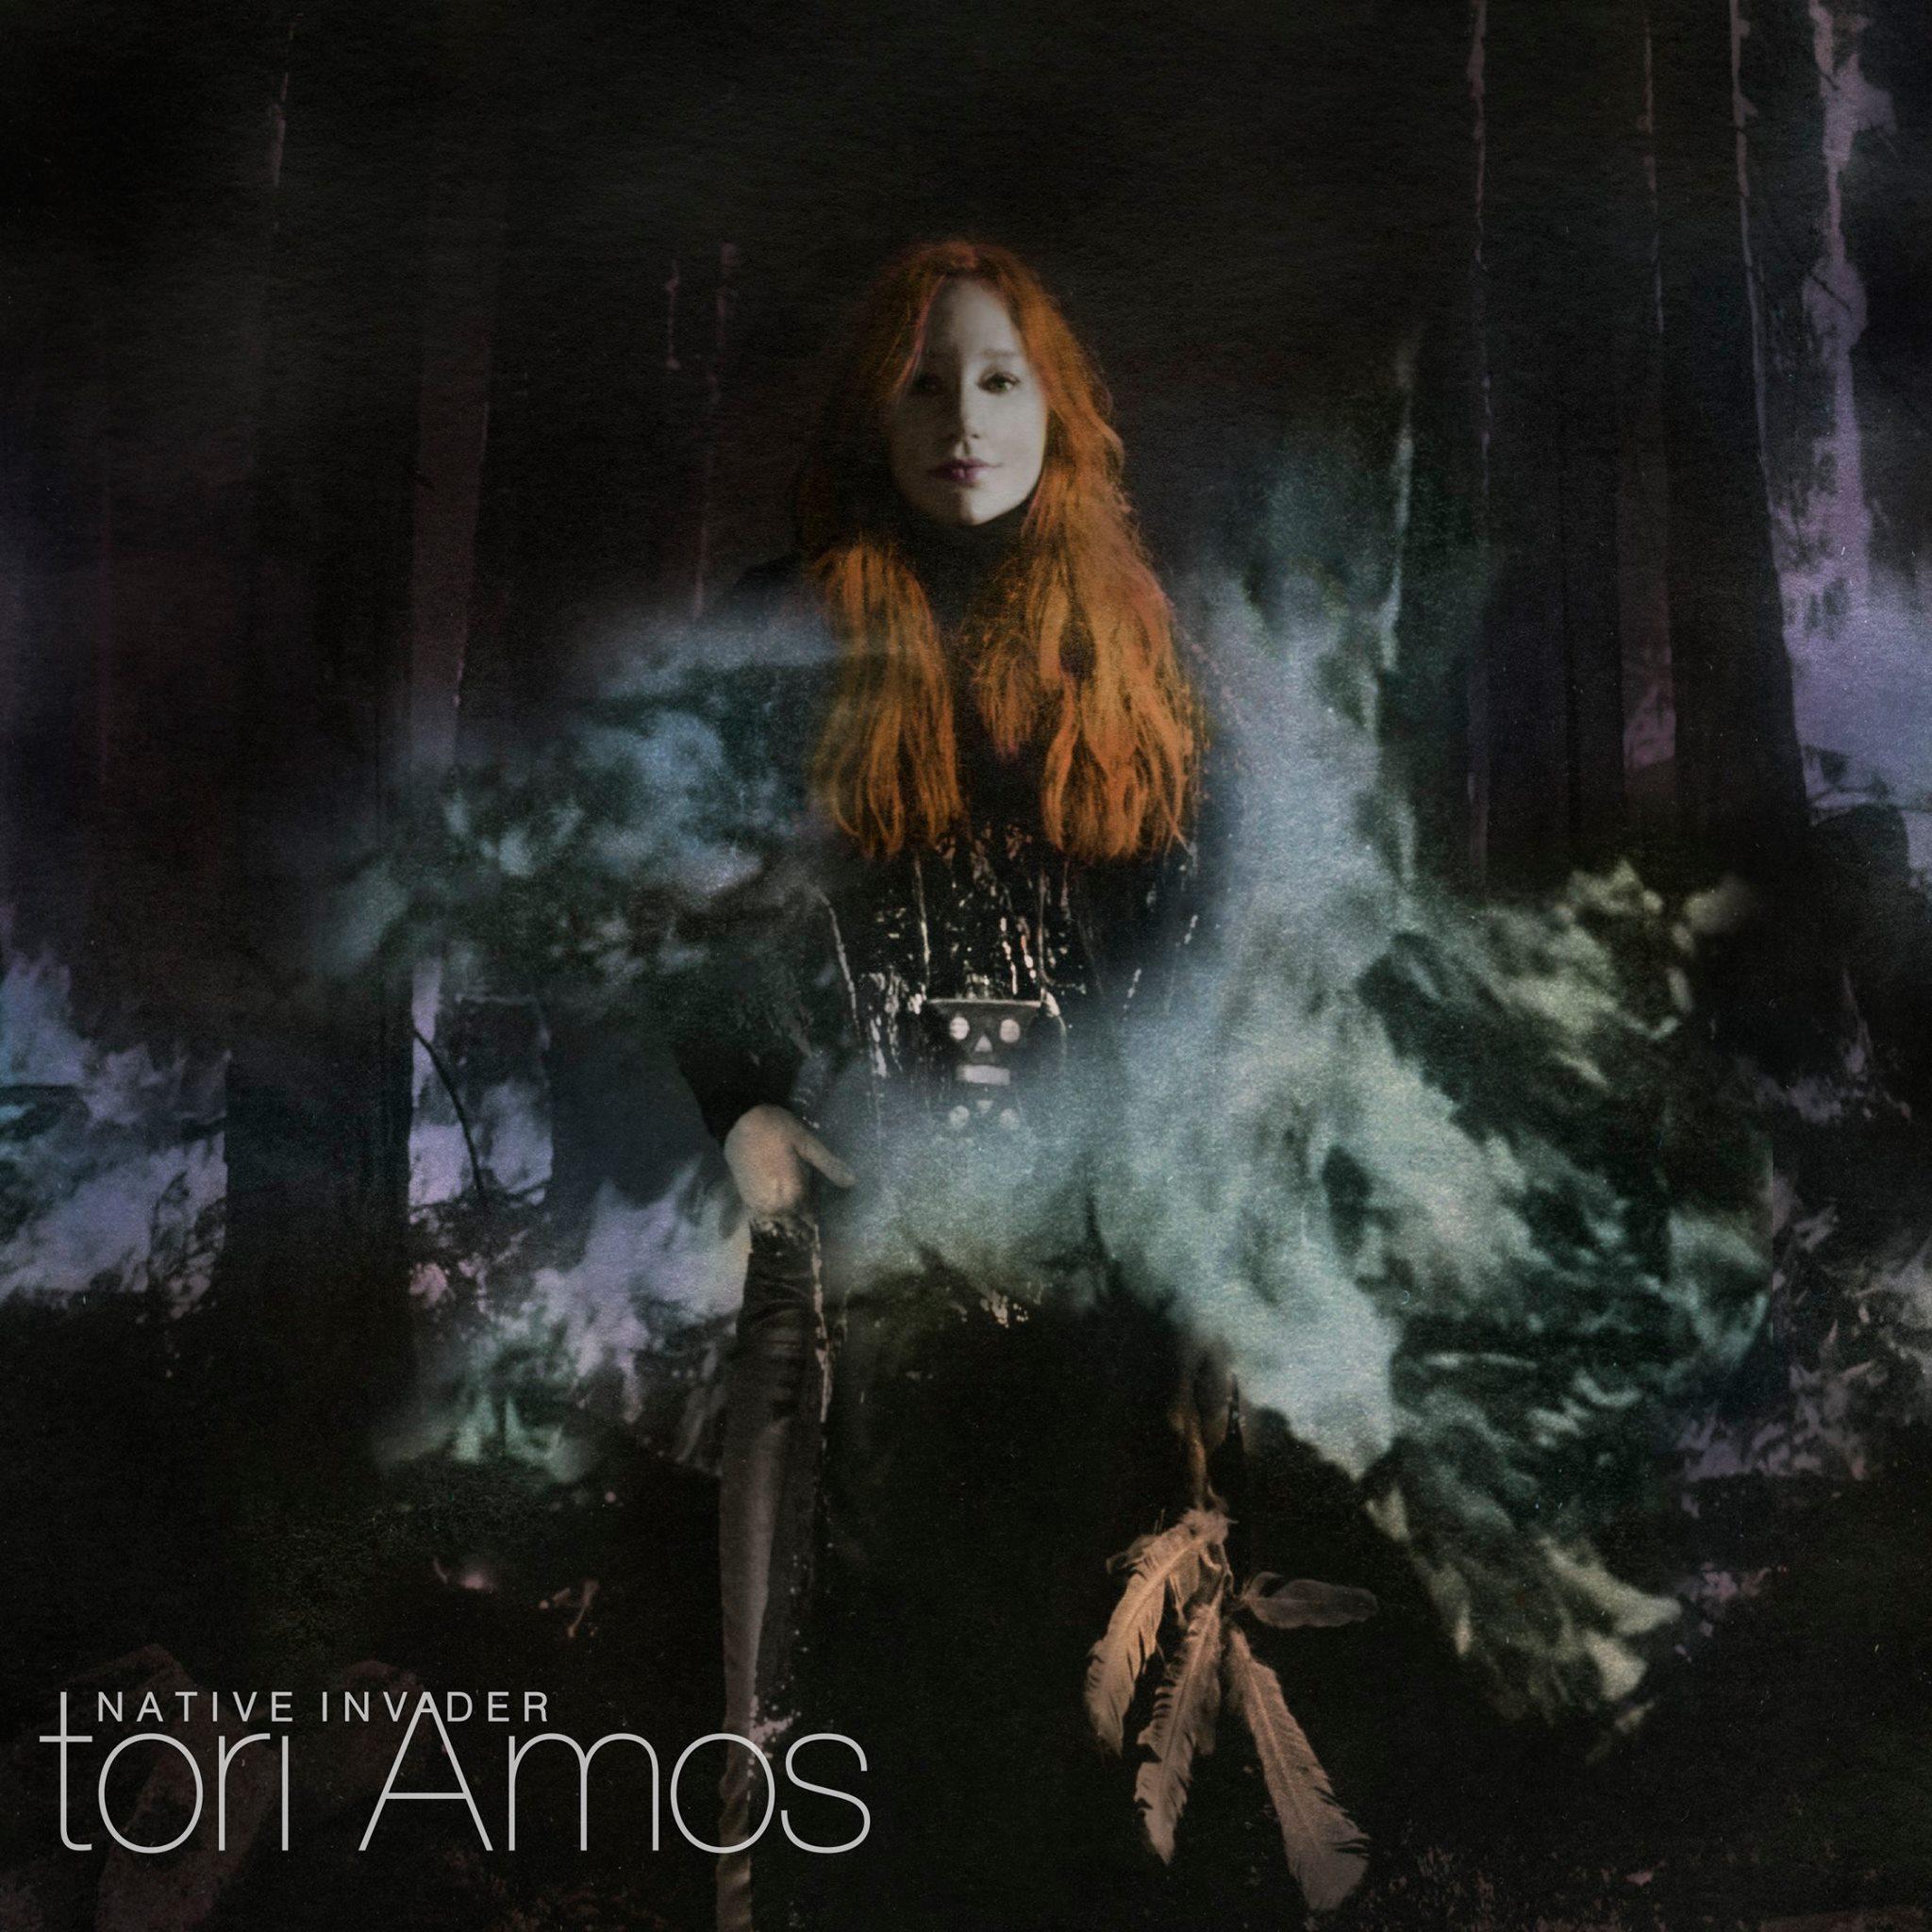 Image result for Tori Amos - Native Invader